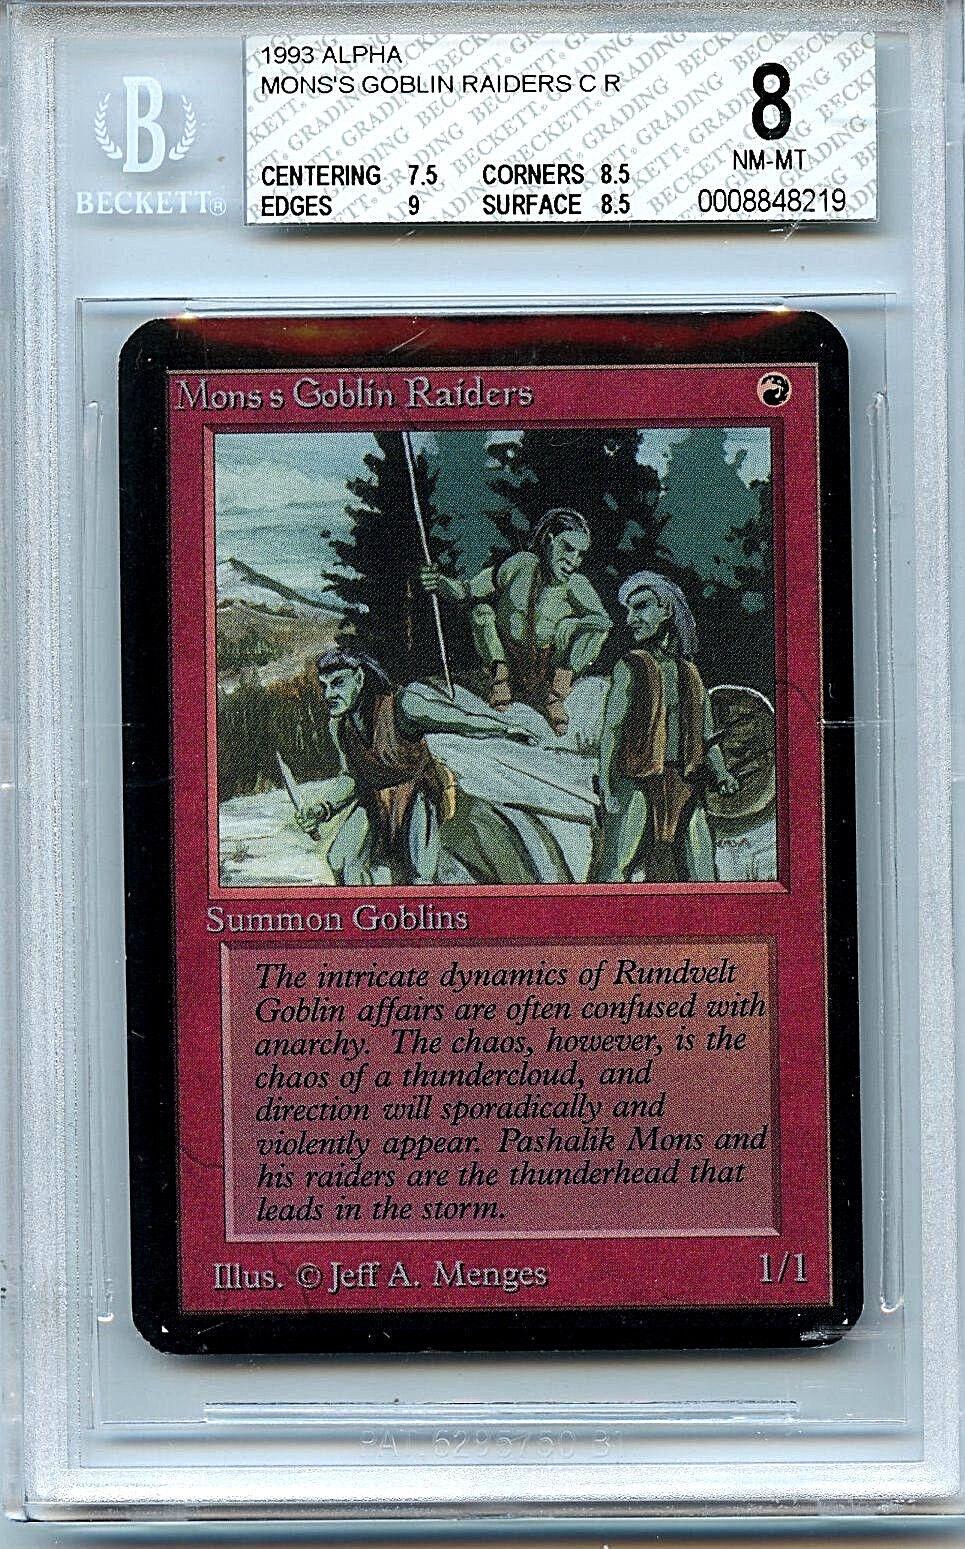 MTG Alpha Mon's Goblin Raiders BGS 8.0 NM MT card Magic the Gathering WOTC 8219